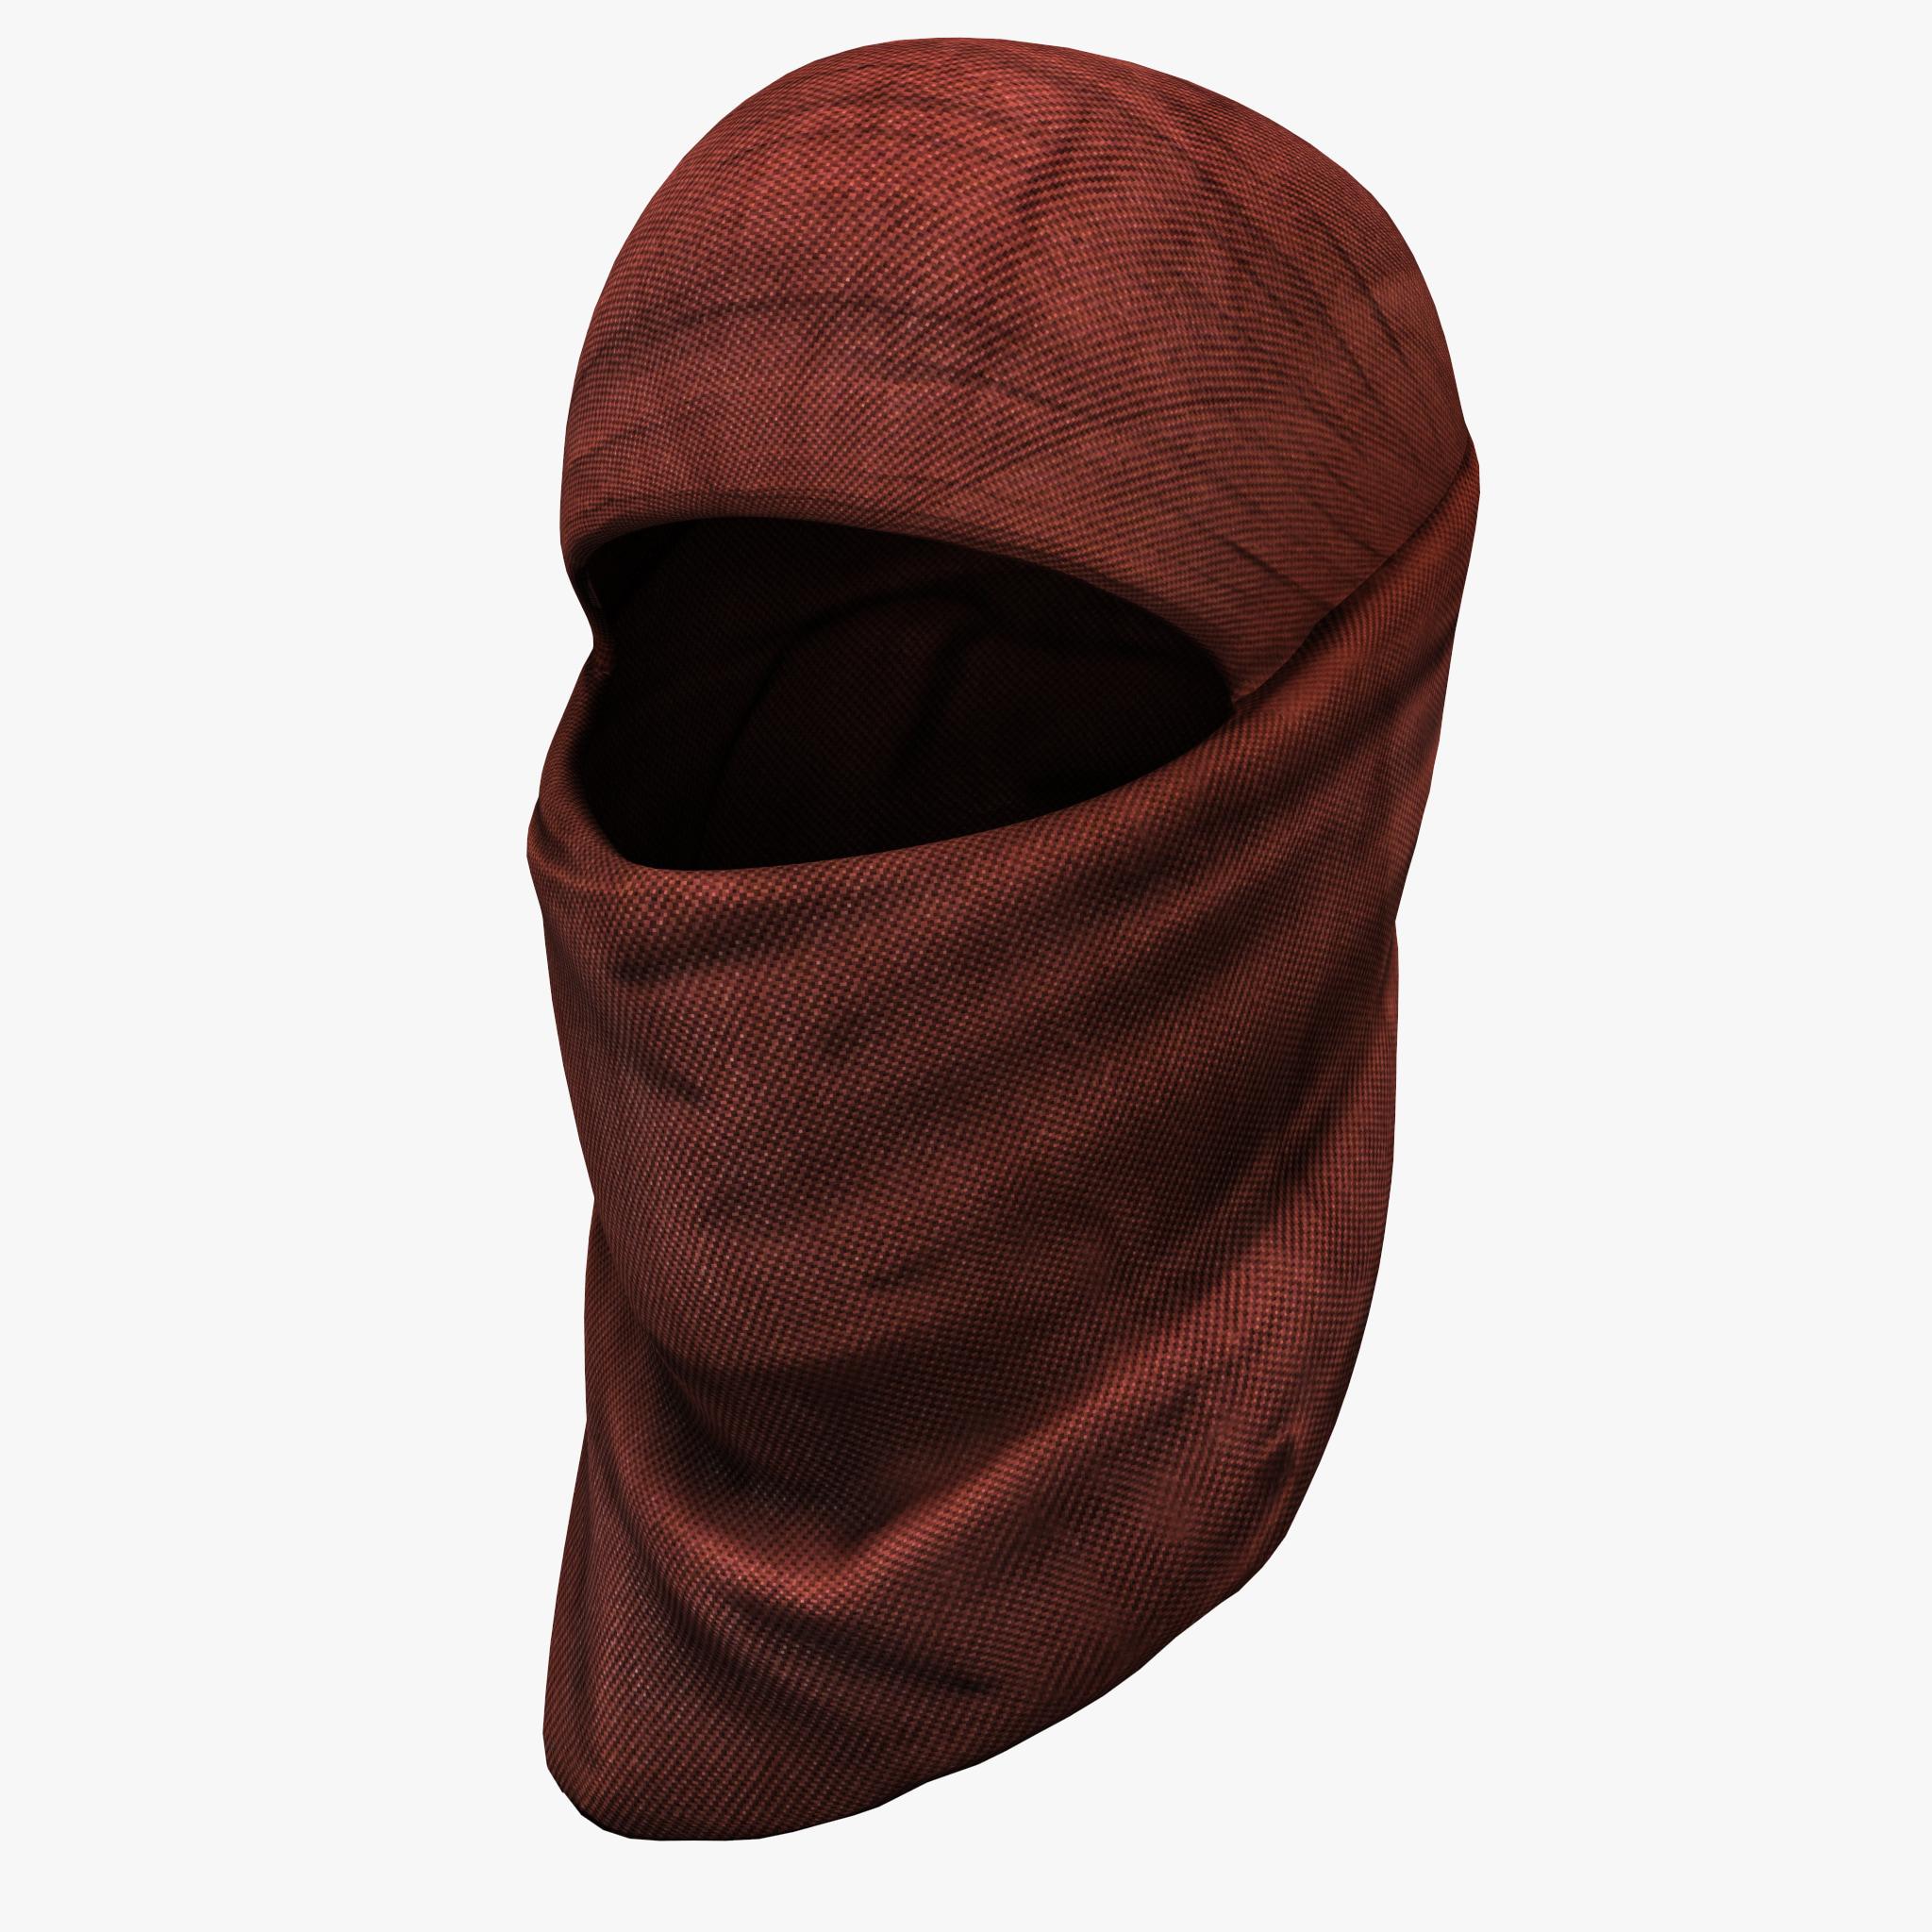 Terrorist Turban_1.jpg